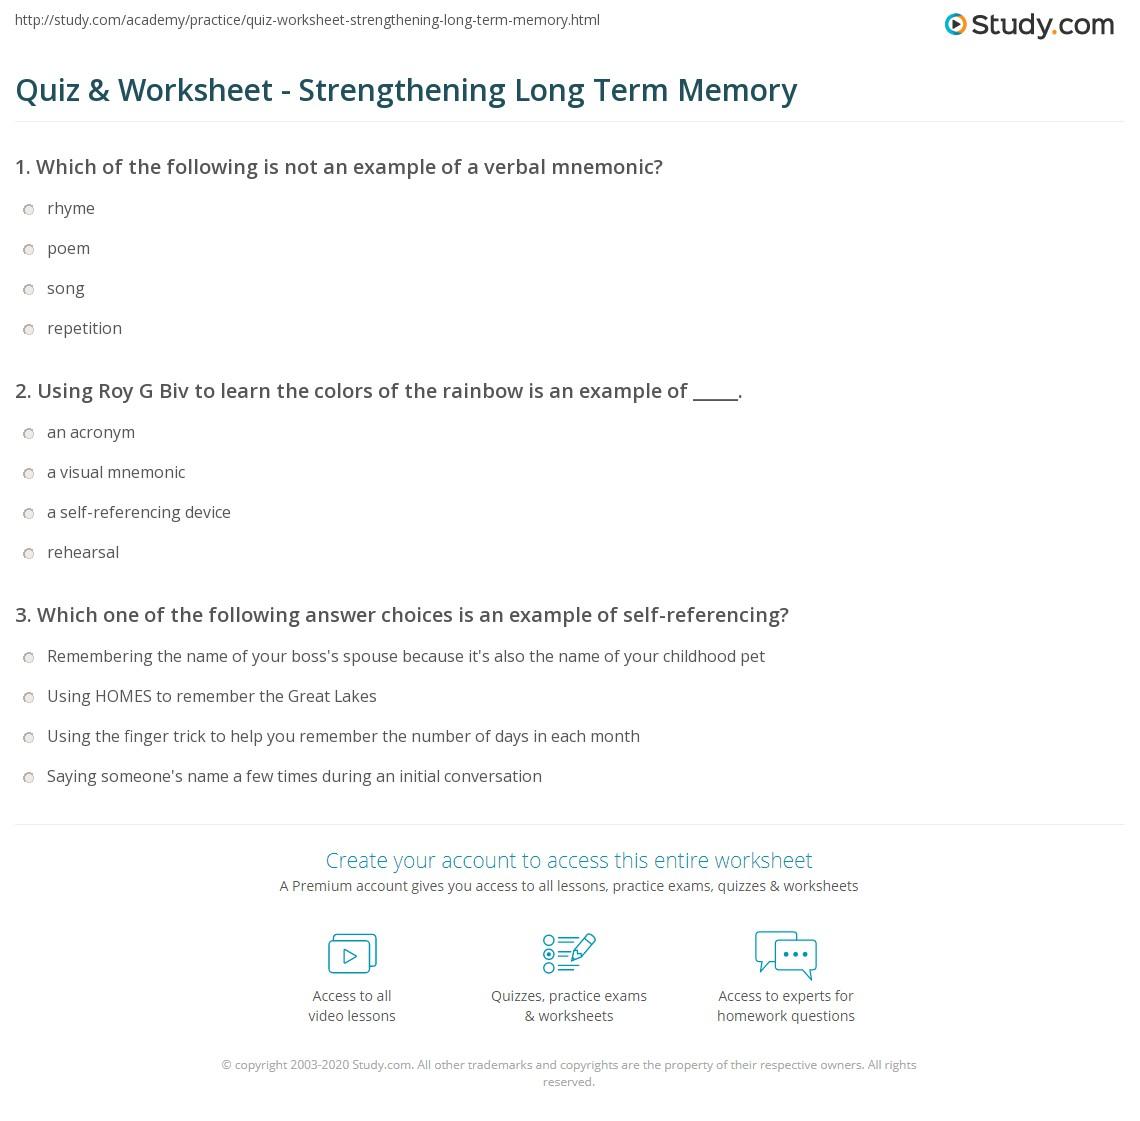 quiz worksheet strengthening long term memory. Black Bedroom Furniture Sets. Home Design Ideas